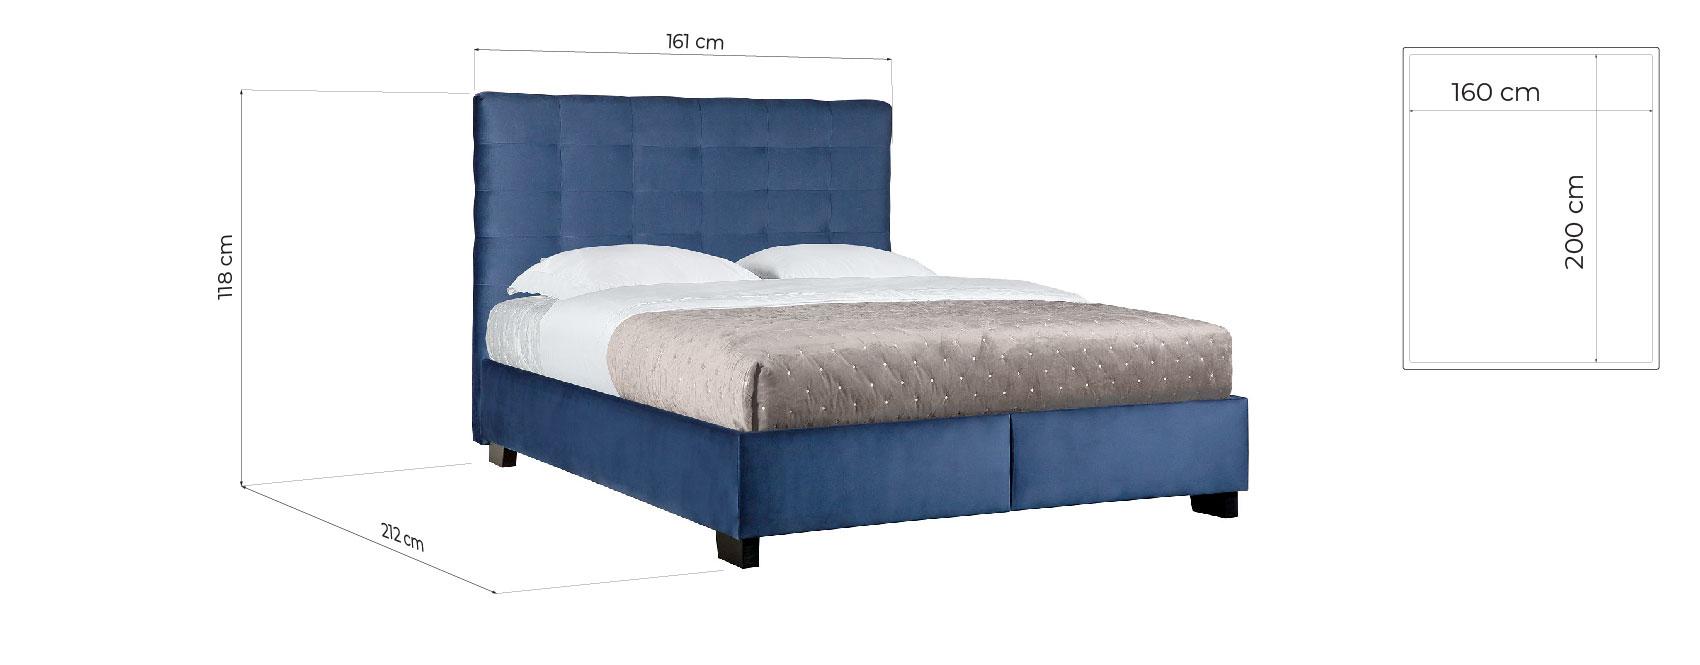 letto contenitore dimensioni